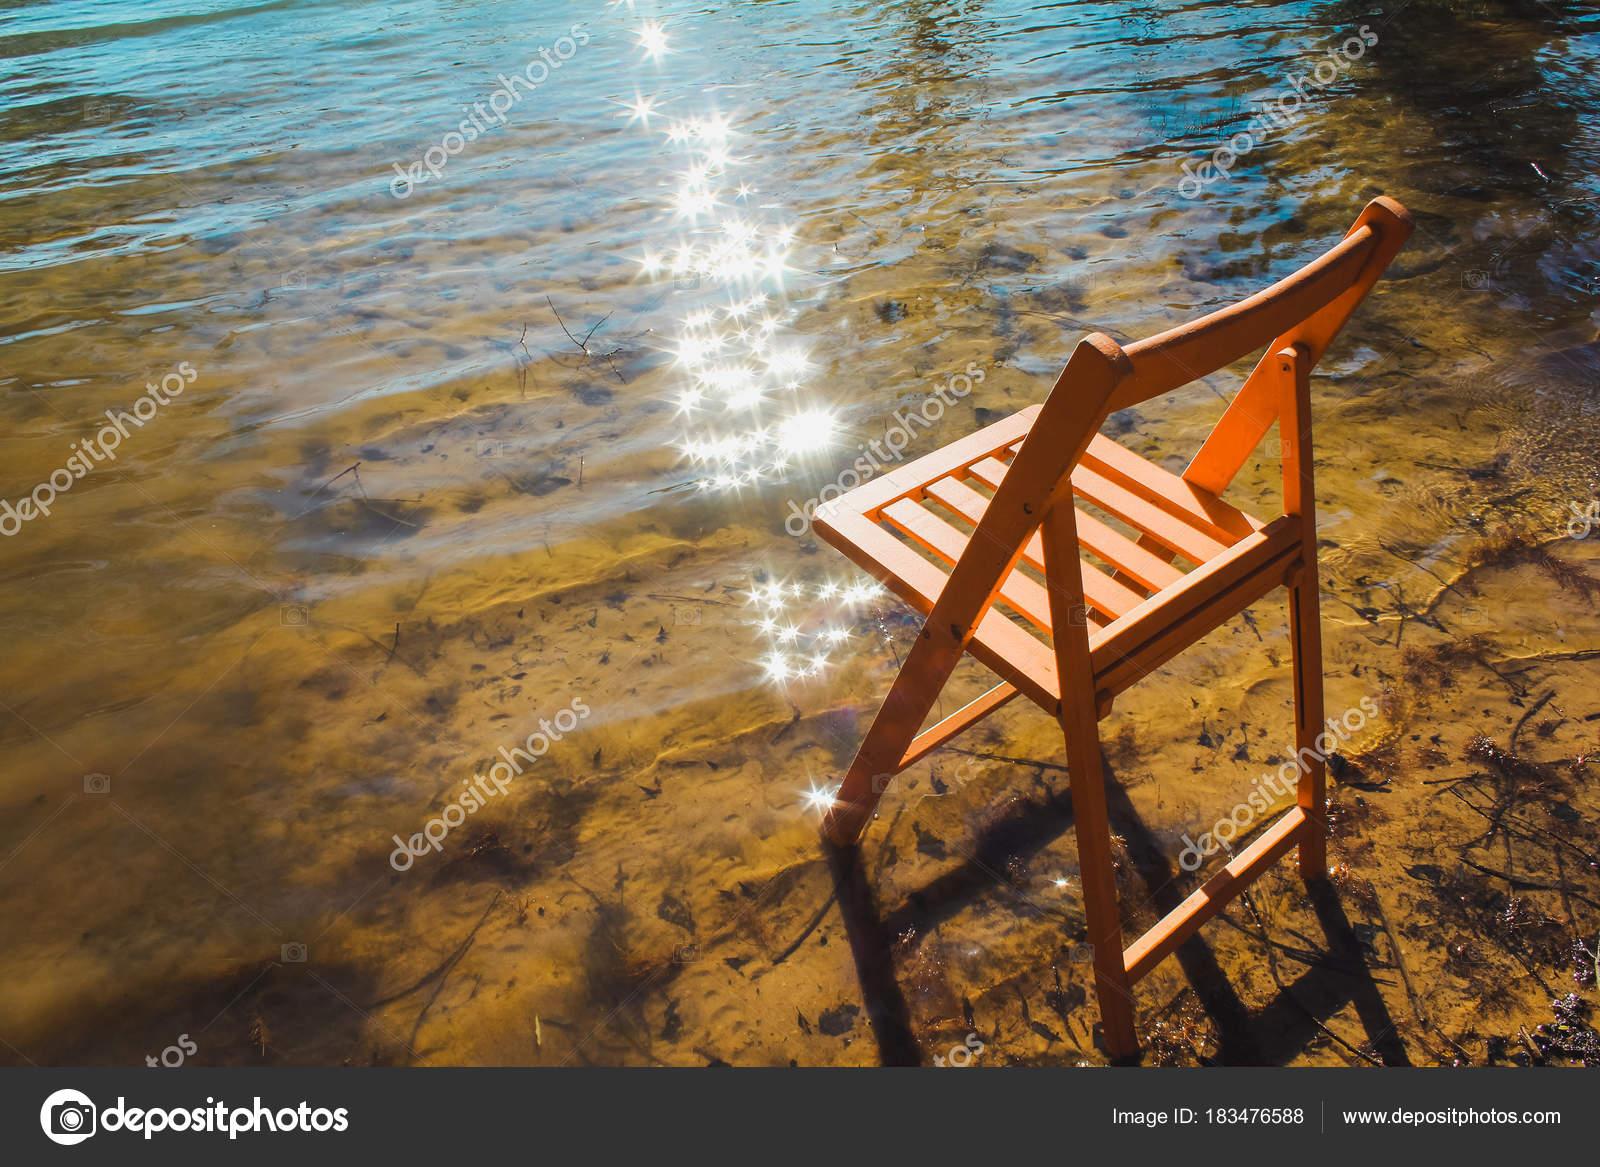 stuhl wie wasser auf strand mit stuhl sand meer wasser leute stockfoto with stuhl wie wasser. Black Bedroom Furniture Sets. Home Design Ideas